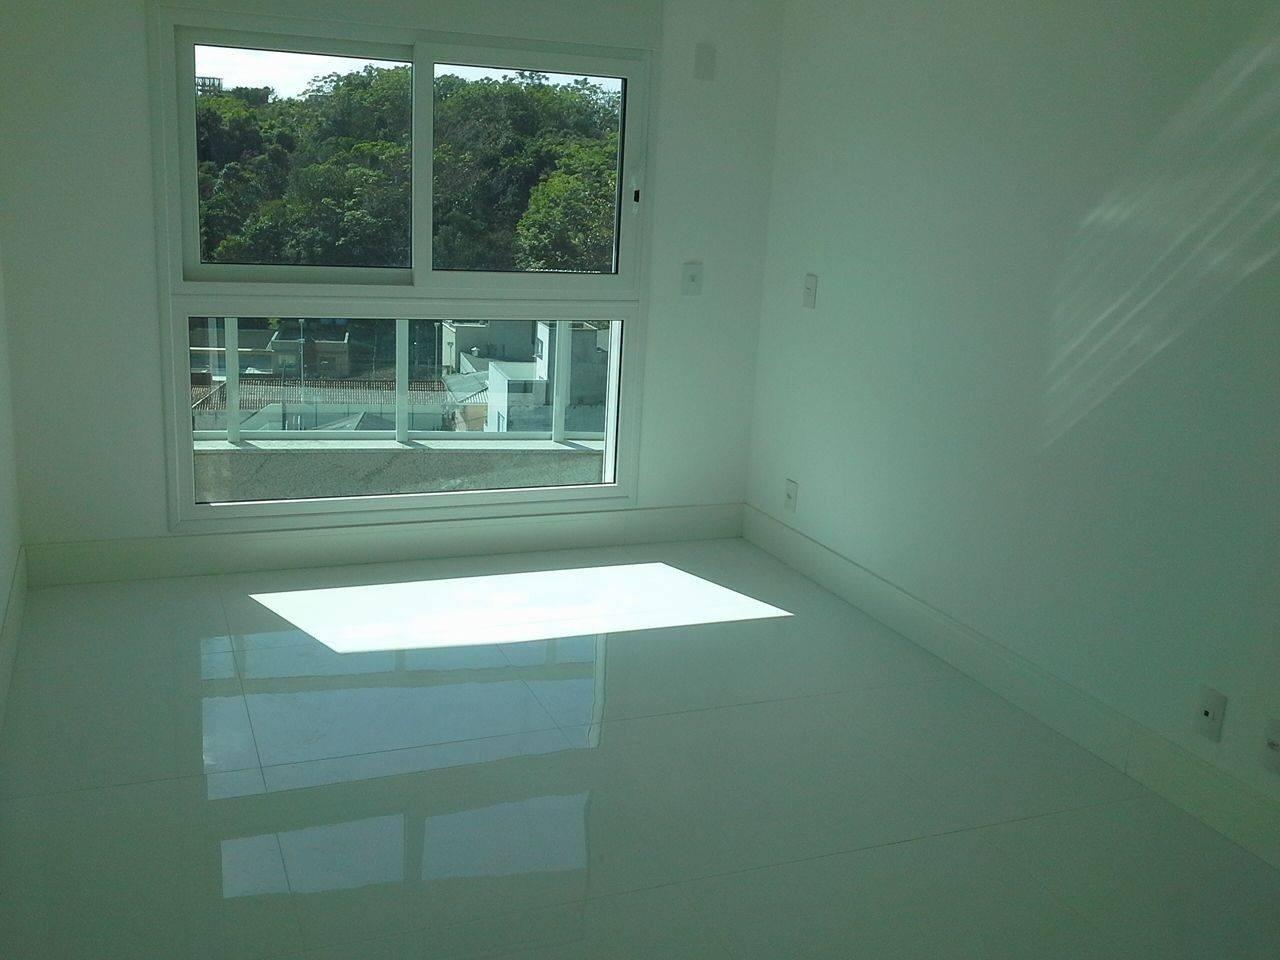 Apartamentos de 3 dormitórios à venda em Agronomica Florianópolis  #34978A 1280x960 Banheiro Container Florianopolis